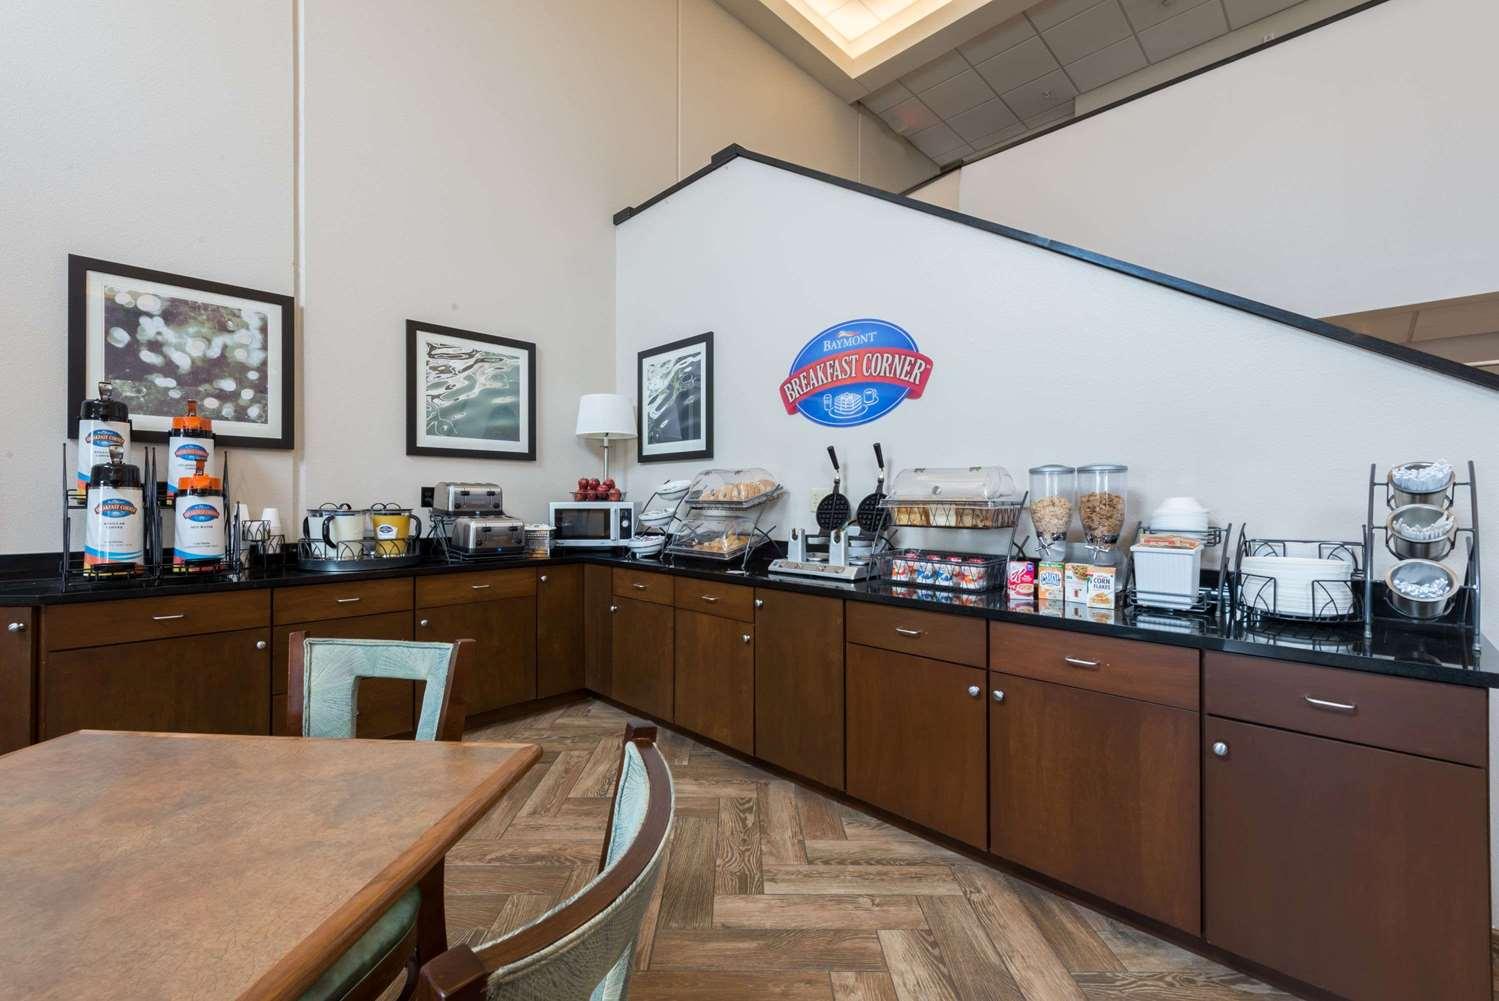 proam - Baymont Inn & Suites Bellevue